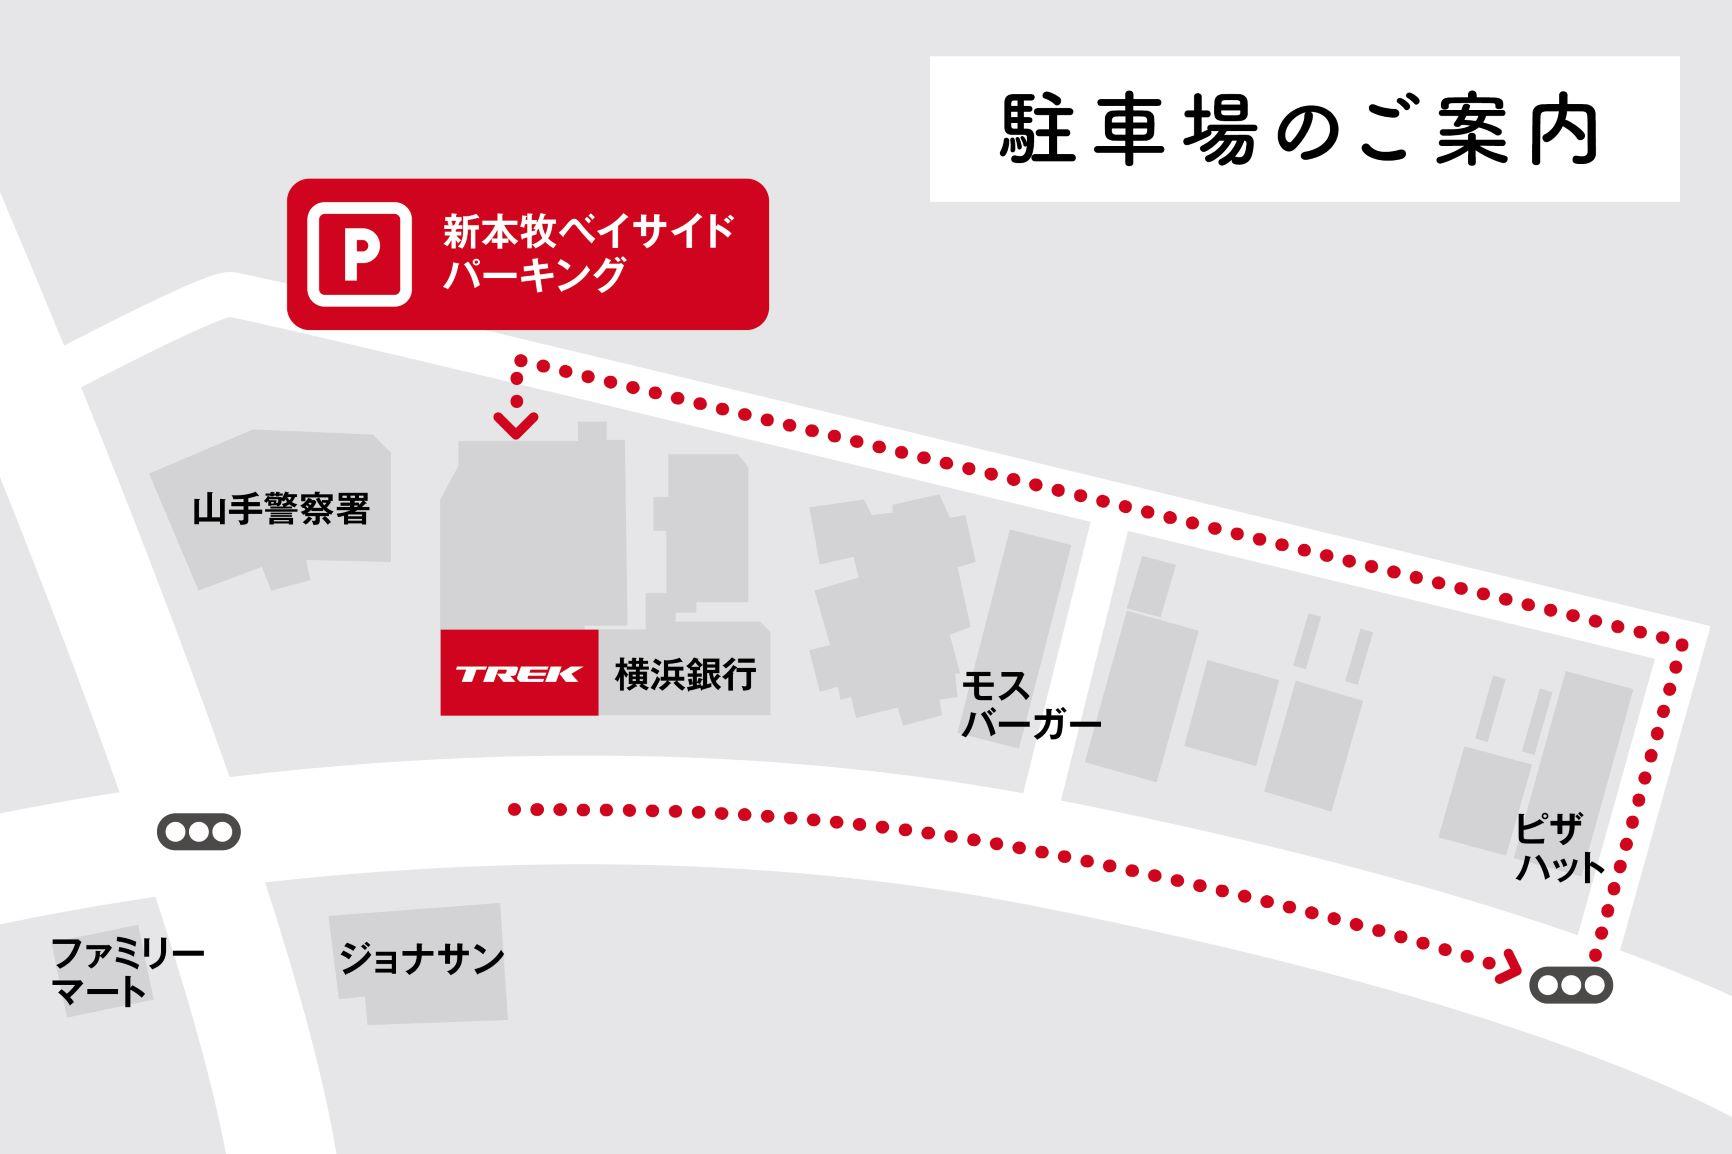 もう迷わない!横浜店へのアクセス方法、駐車場のご案内。